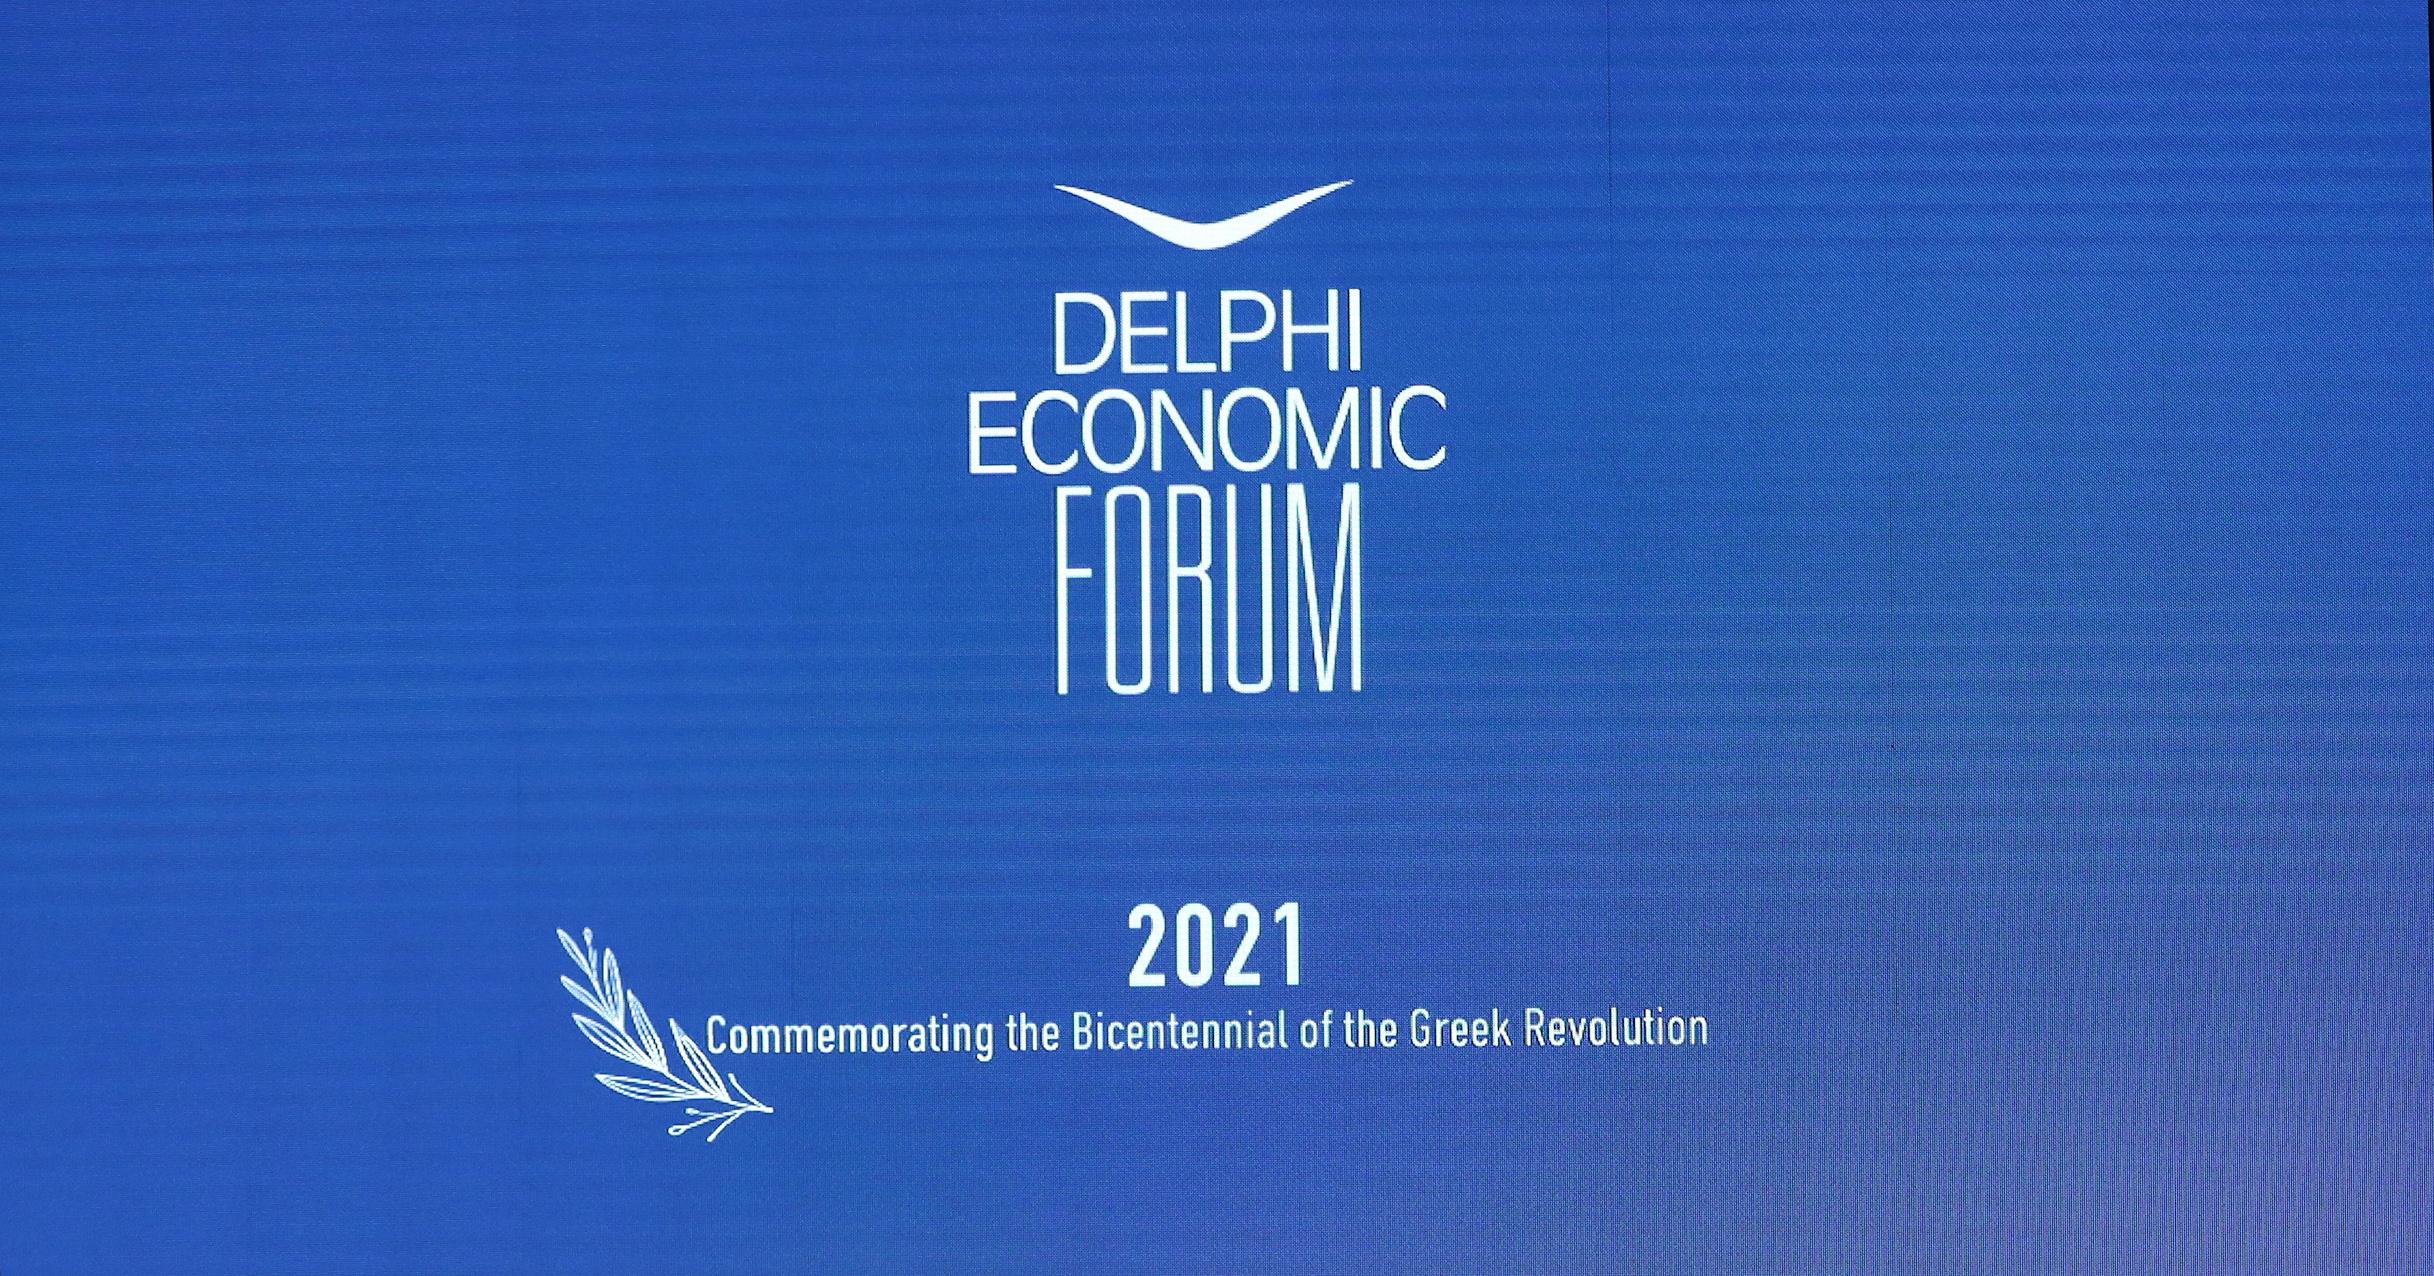 Οικονομικό Φόρουμ Δελφών: Η συζήτηση Μητσοτάκη – Σάντσεθ